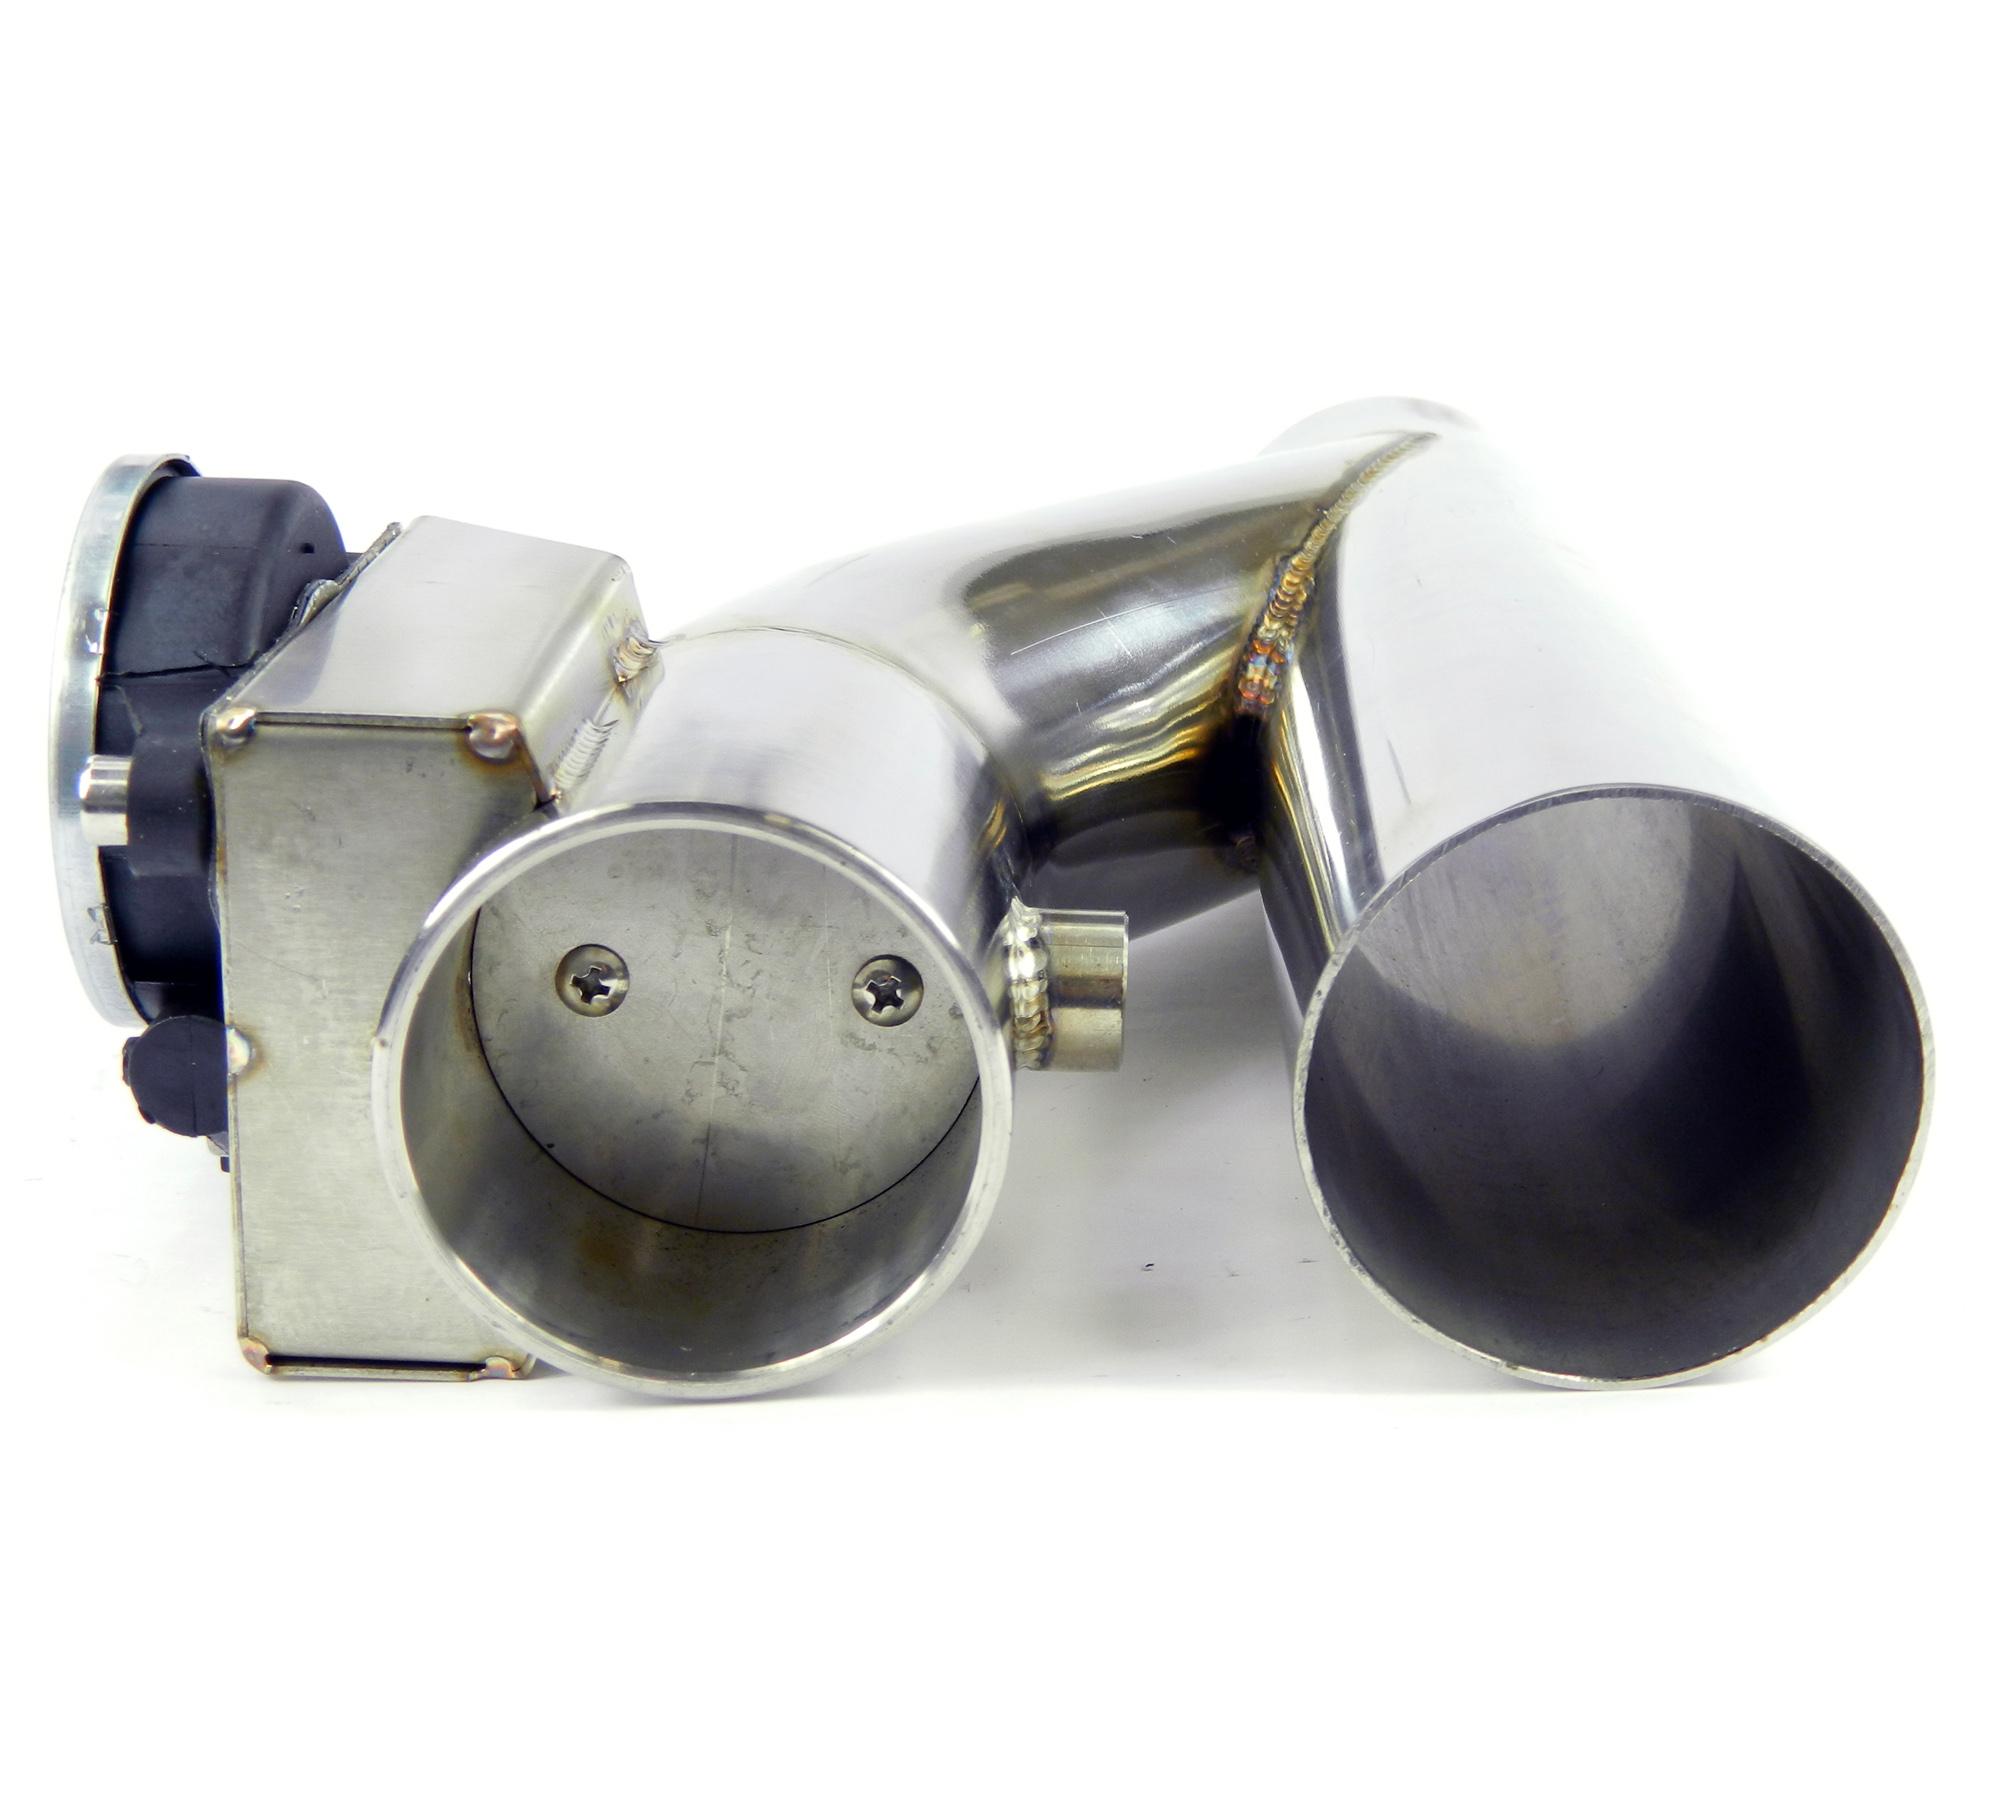 Klappenauspuff-System Y-Rohr, elektrisch inkl. Schalter - 57mm Außendurchmesser